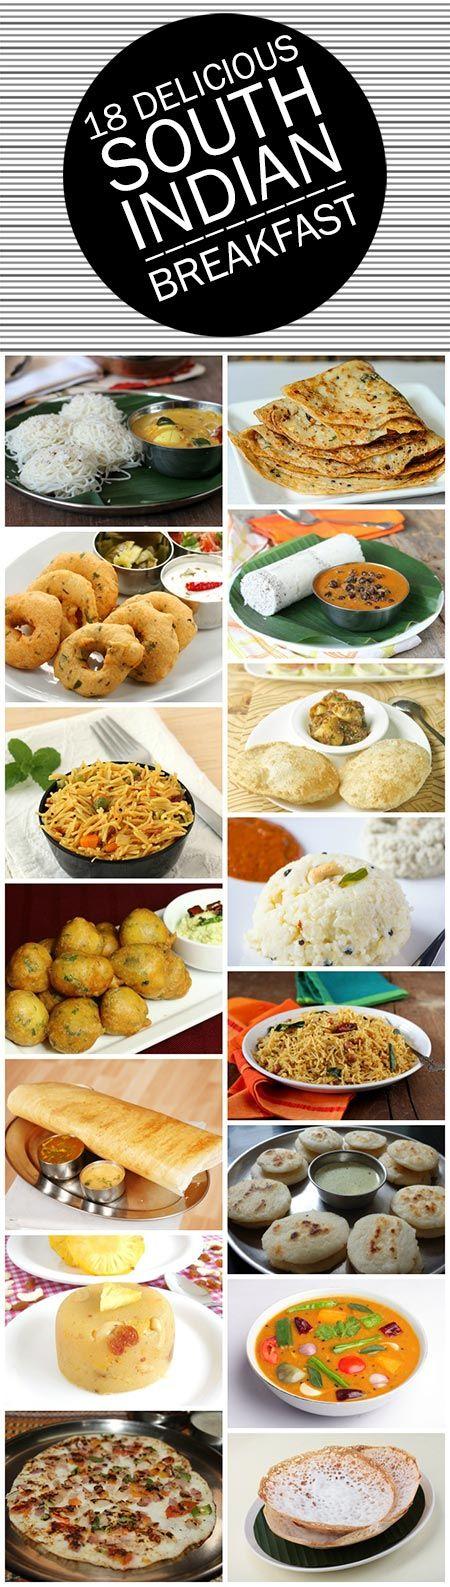 18 Délicieux sud recettes petit déjeuner indien que vous devez essayer